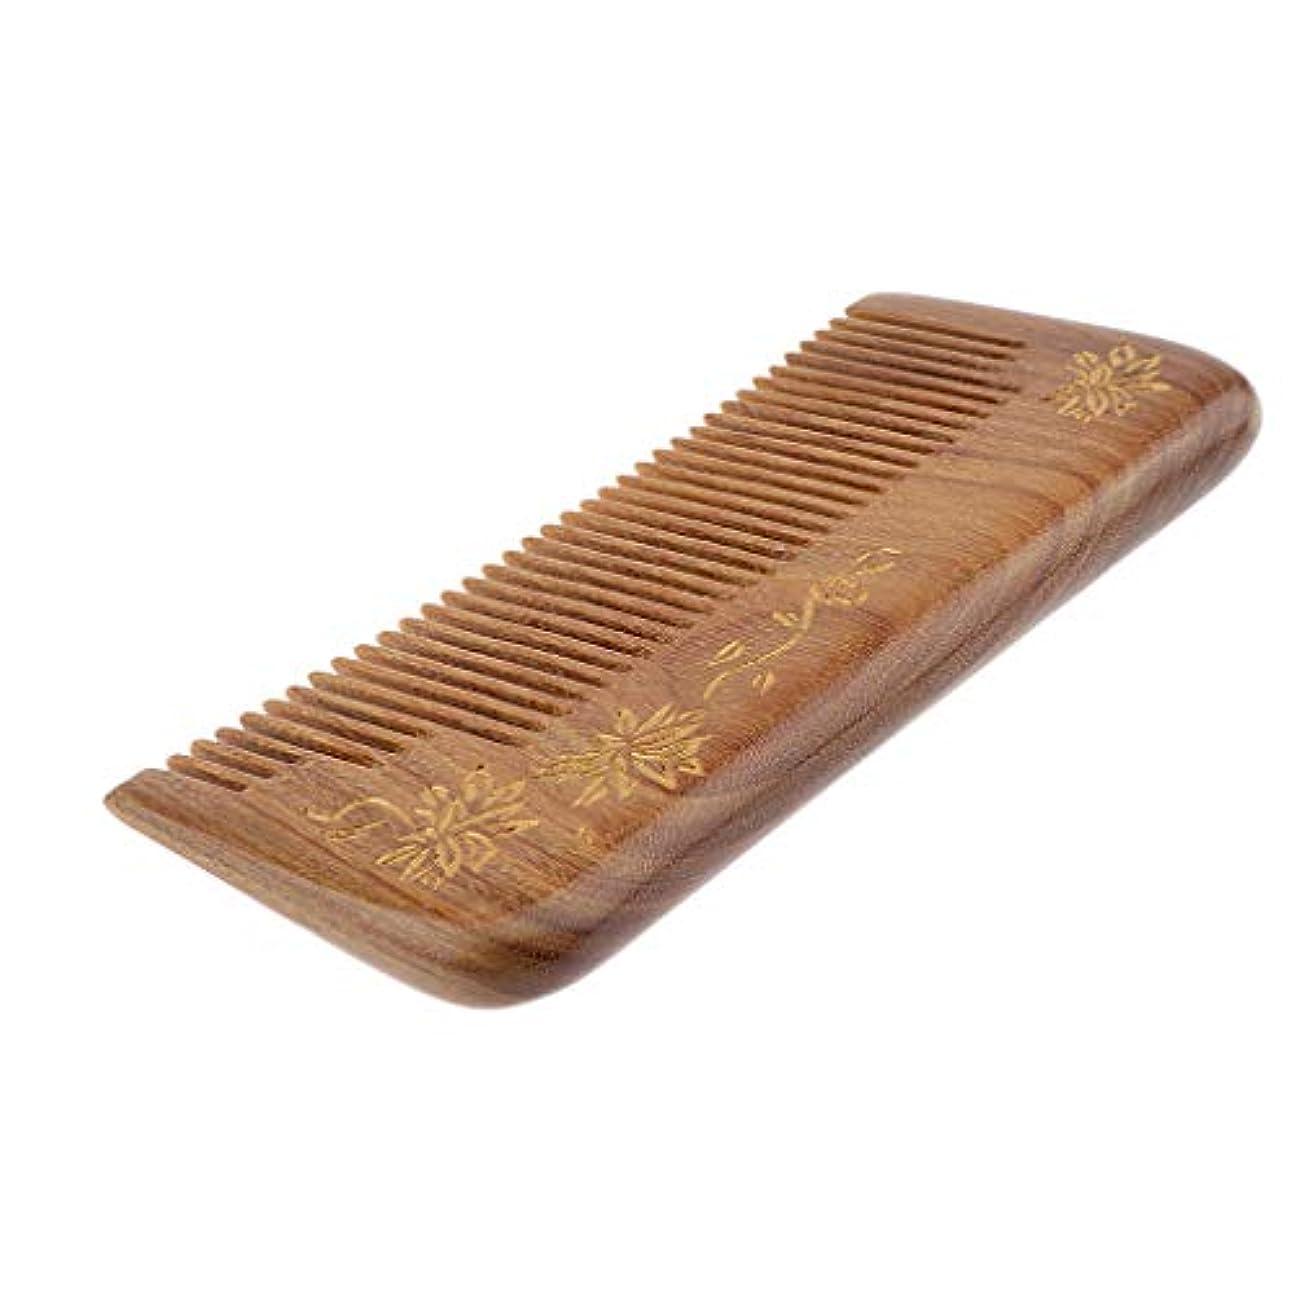 最も早い交換可能メンタル帯電防止櫛 ヘアブラシ 木製櫛 広い歯 自然な木 マッサージ櫛 プレゼント 4仕様選べ - #3